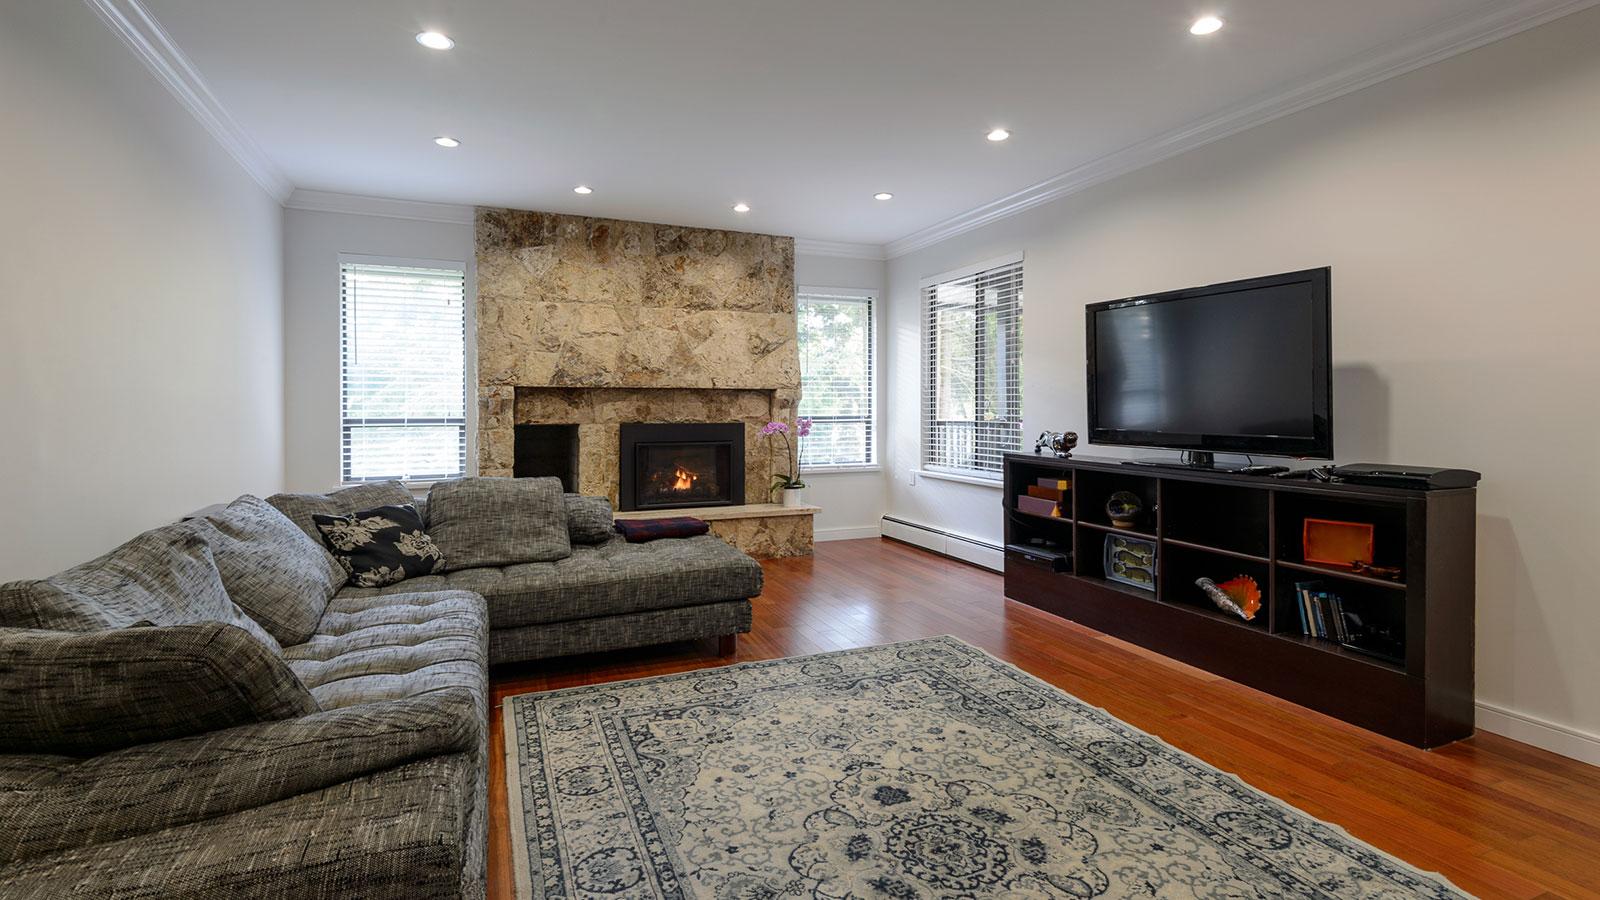 Un divano angolare di color grigio, un mobile Tv davanti e sulla sinistra un camino